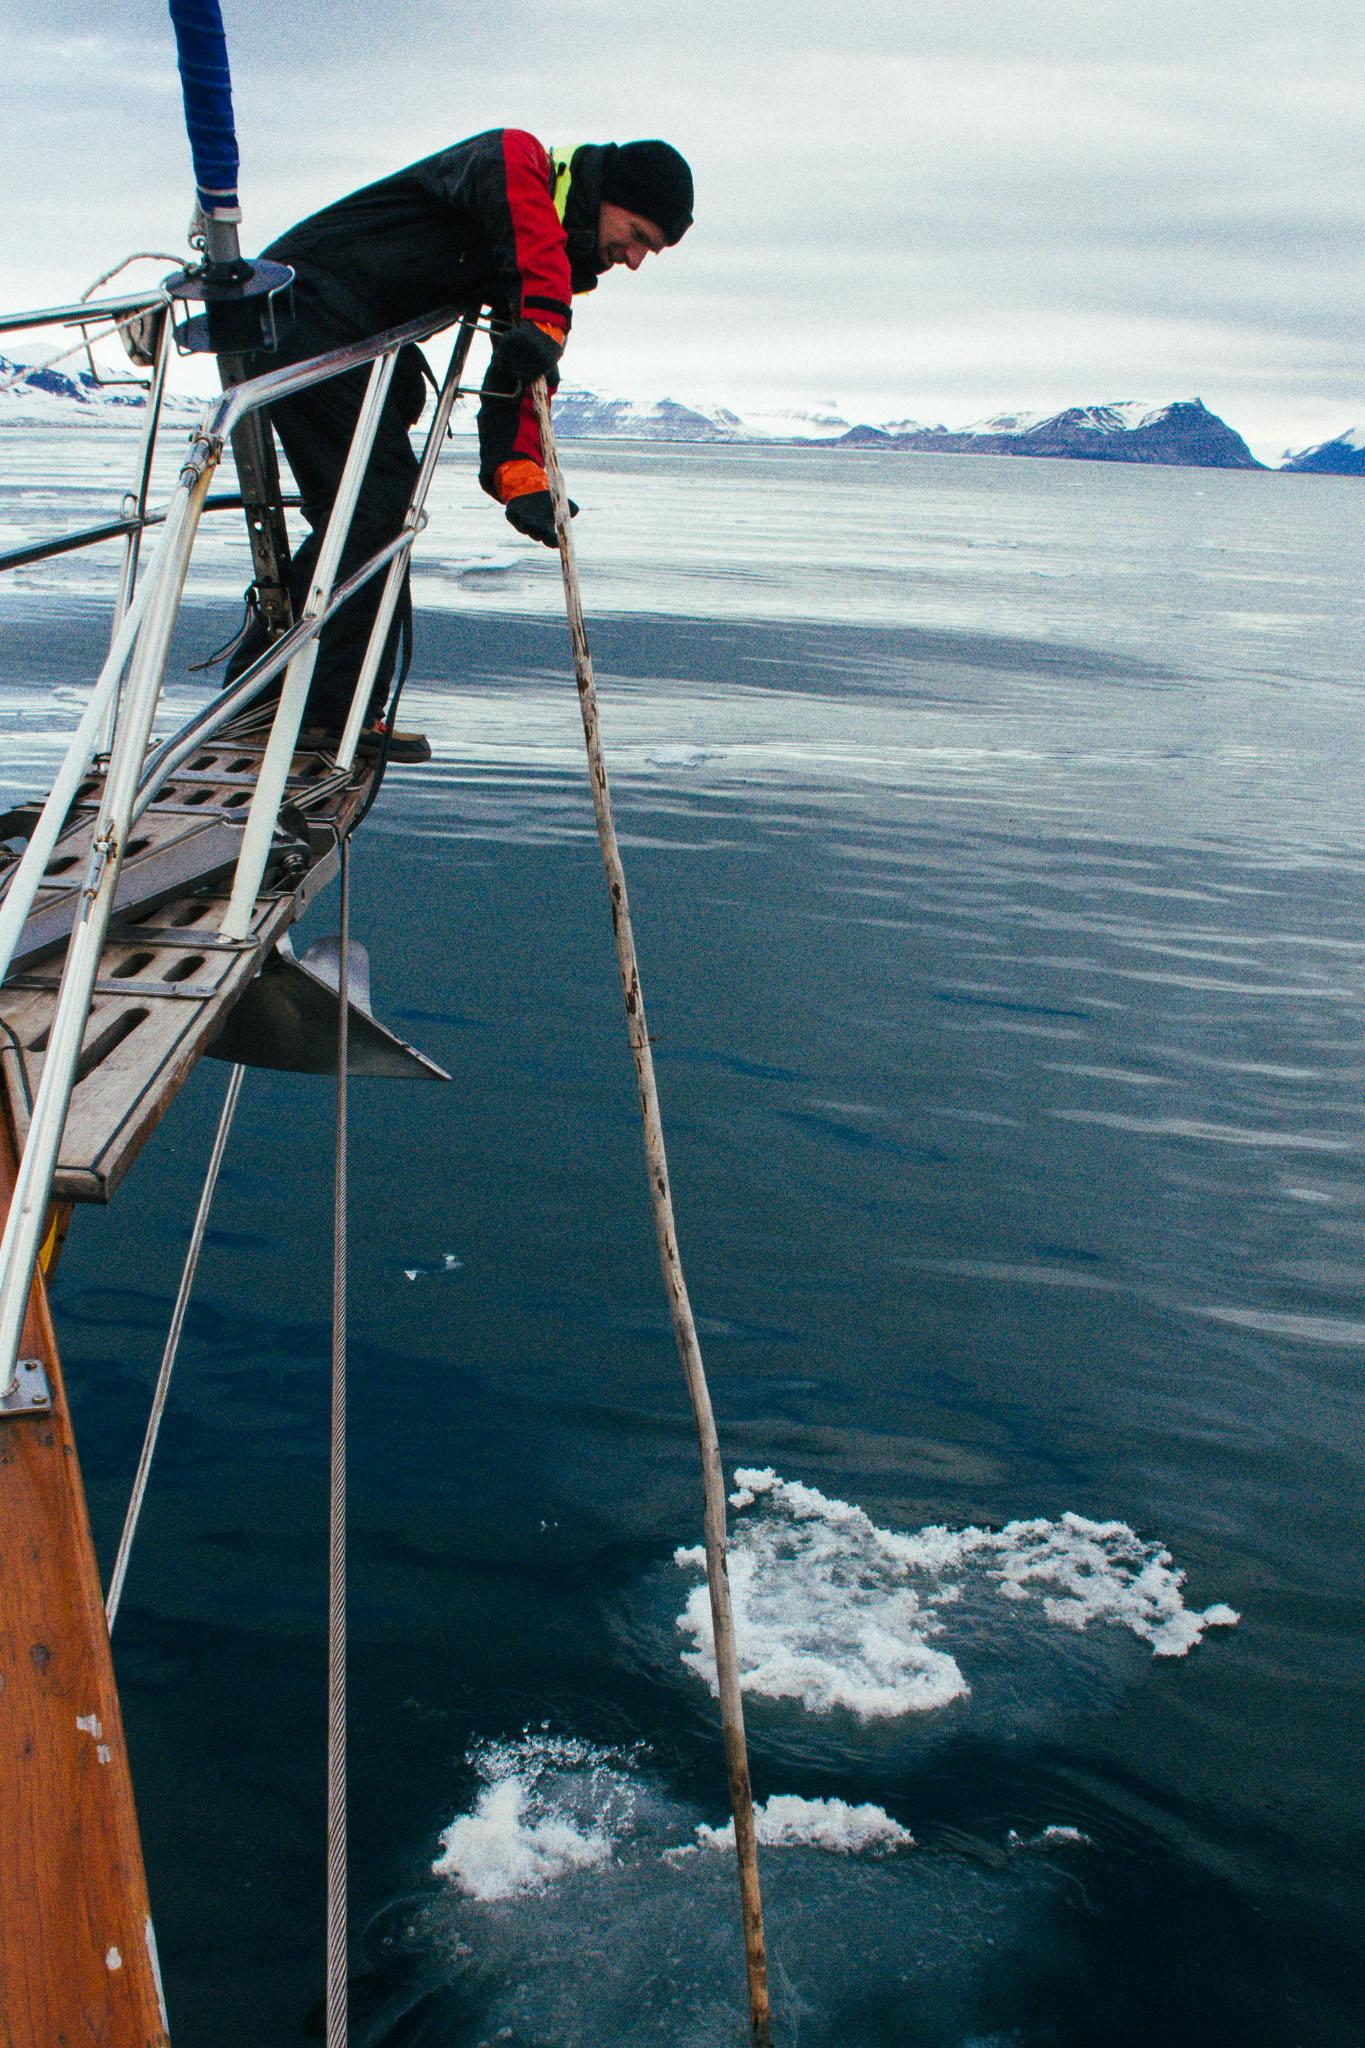 Svalbard_2018_Pukka_Perri_Rothenberg-38.jpg